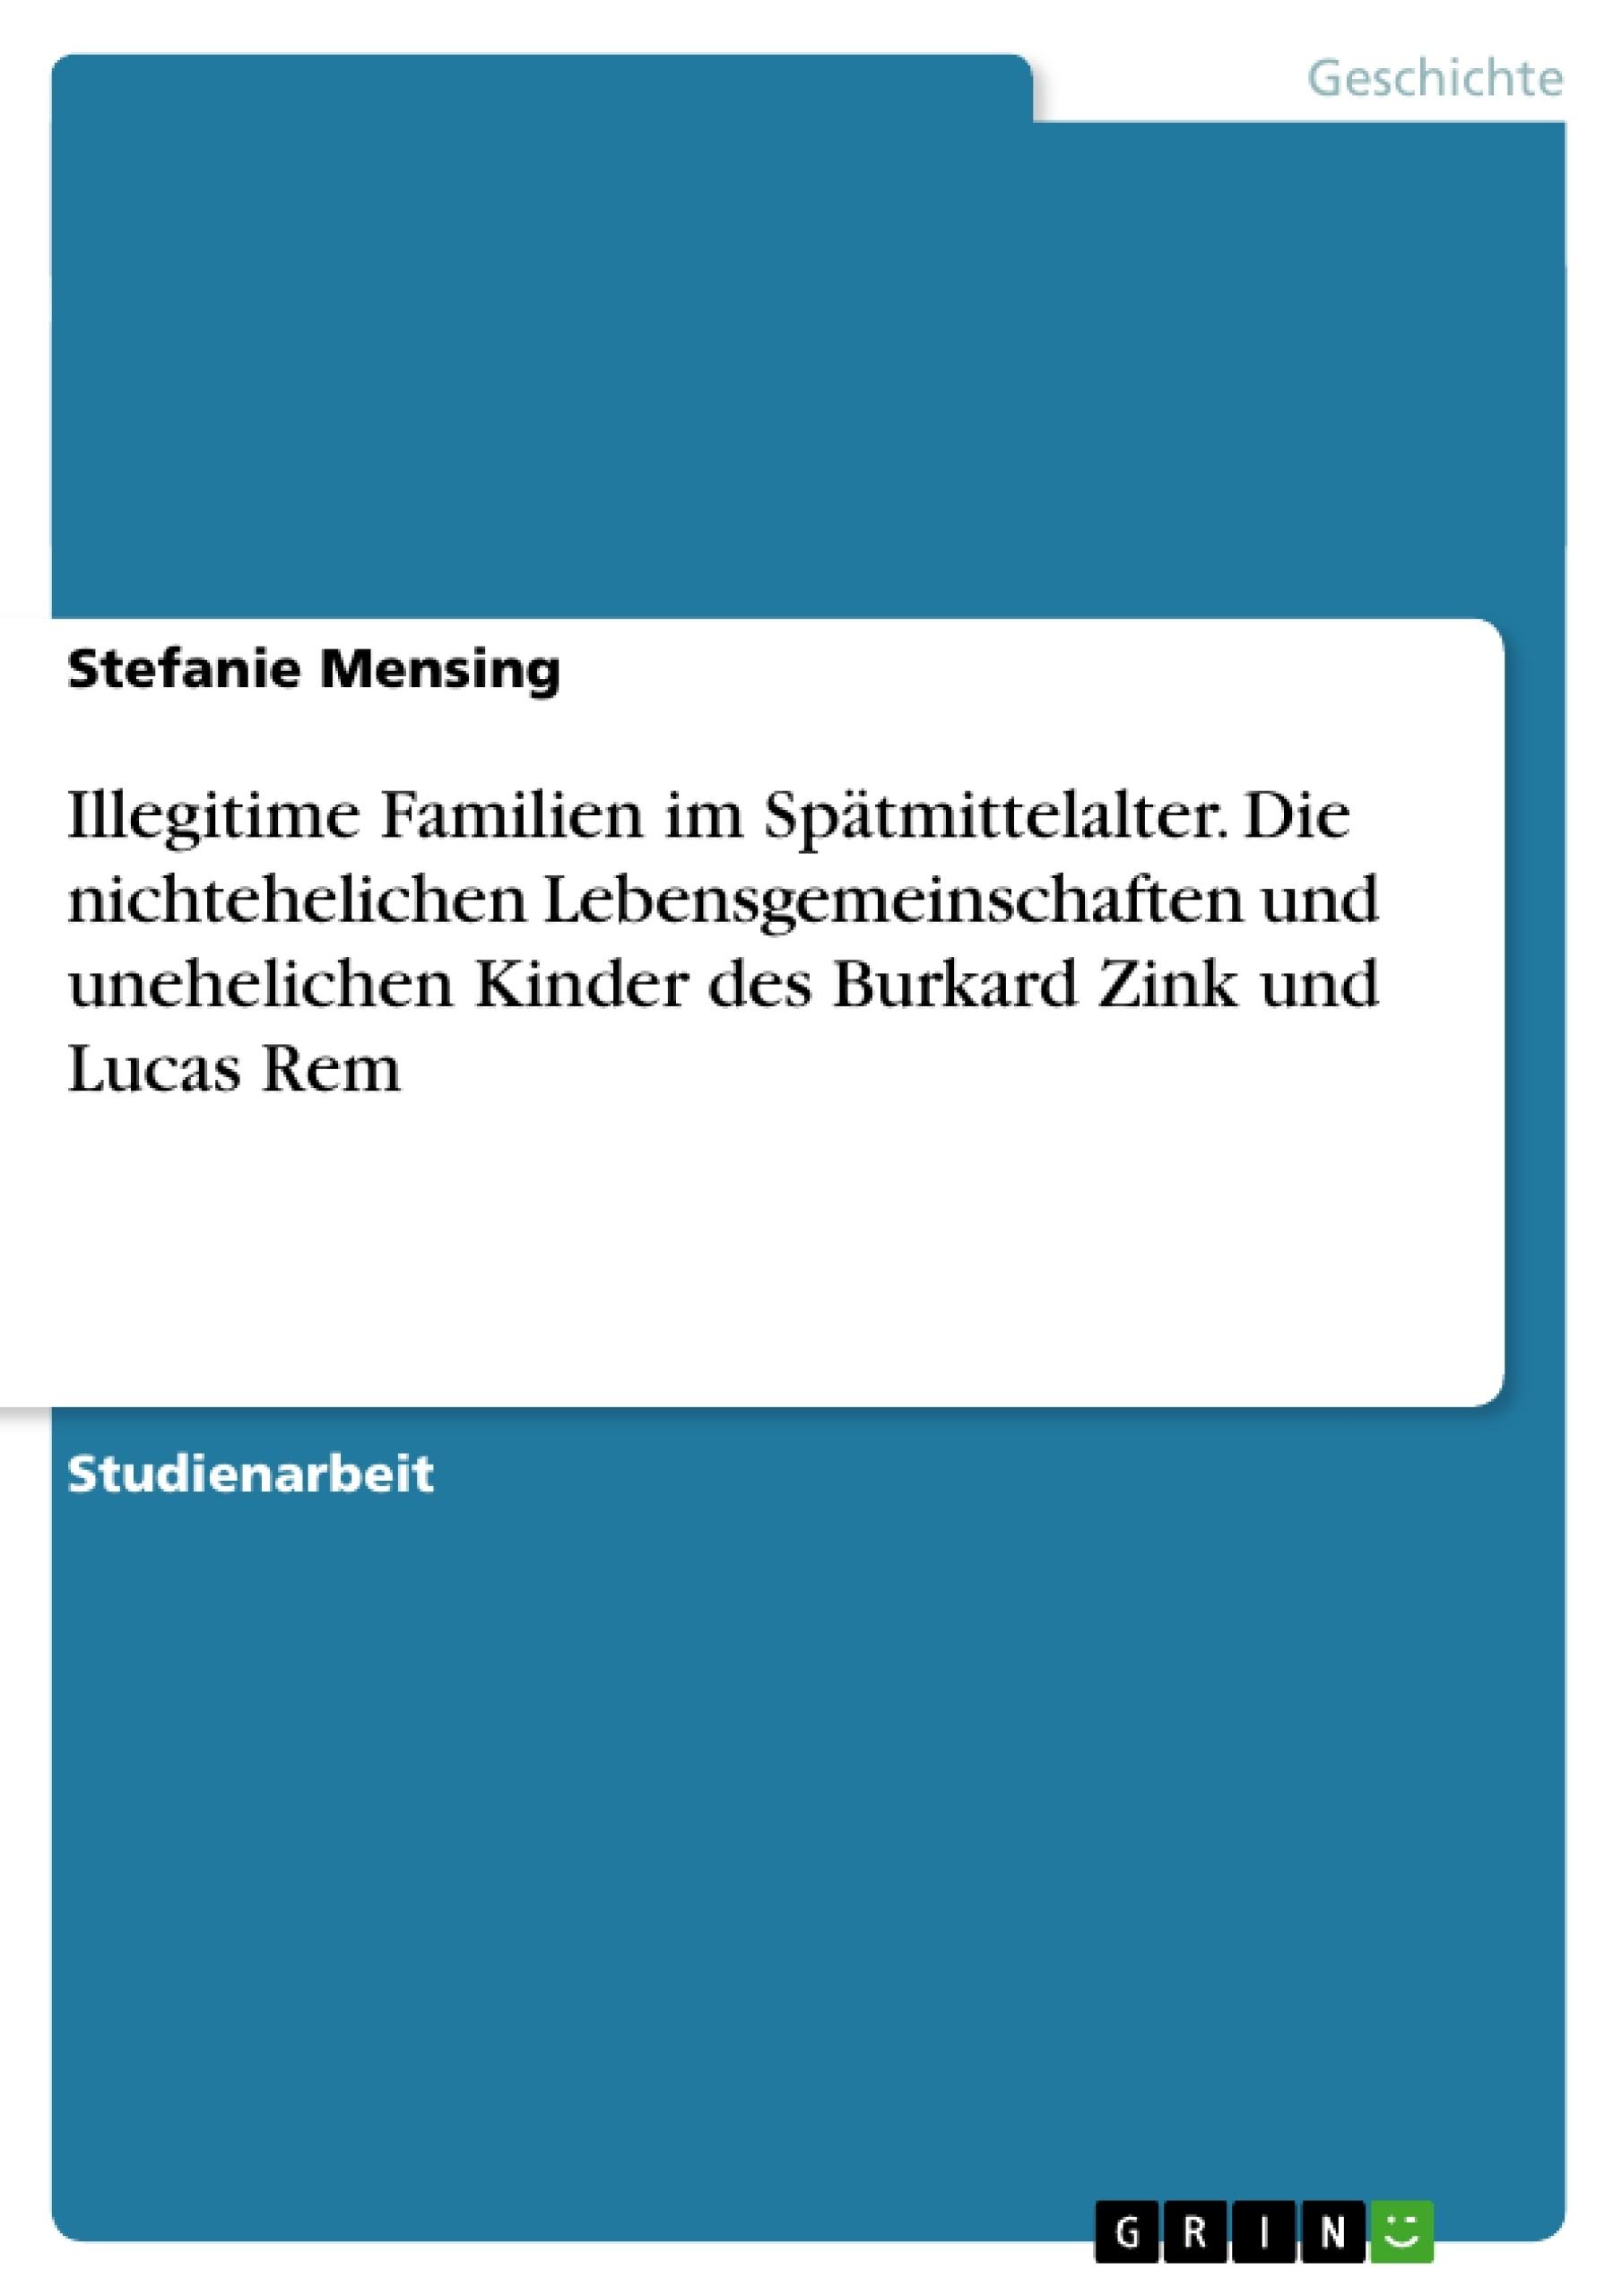 Titel: Illegitime Familien im Spätmittelalter. Die nichtehelichen Lebensgemeinschaften und unehelichen Kinder des Burkard Zink und Lucas Rem